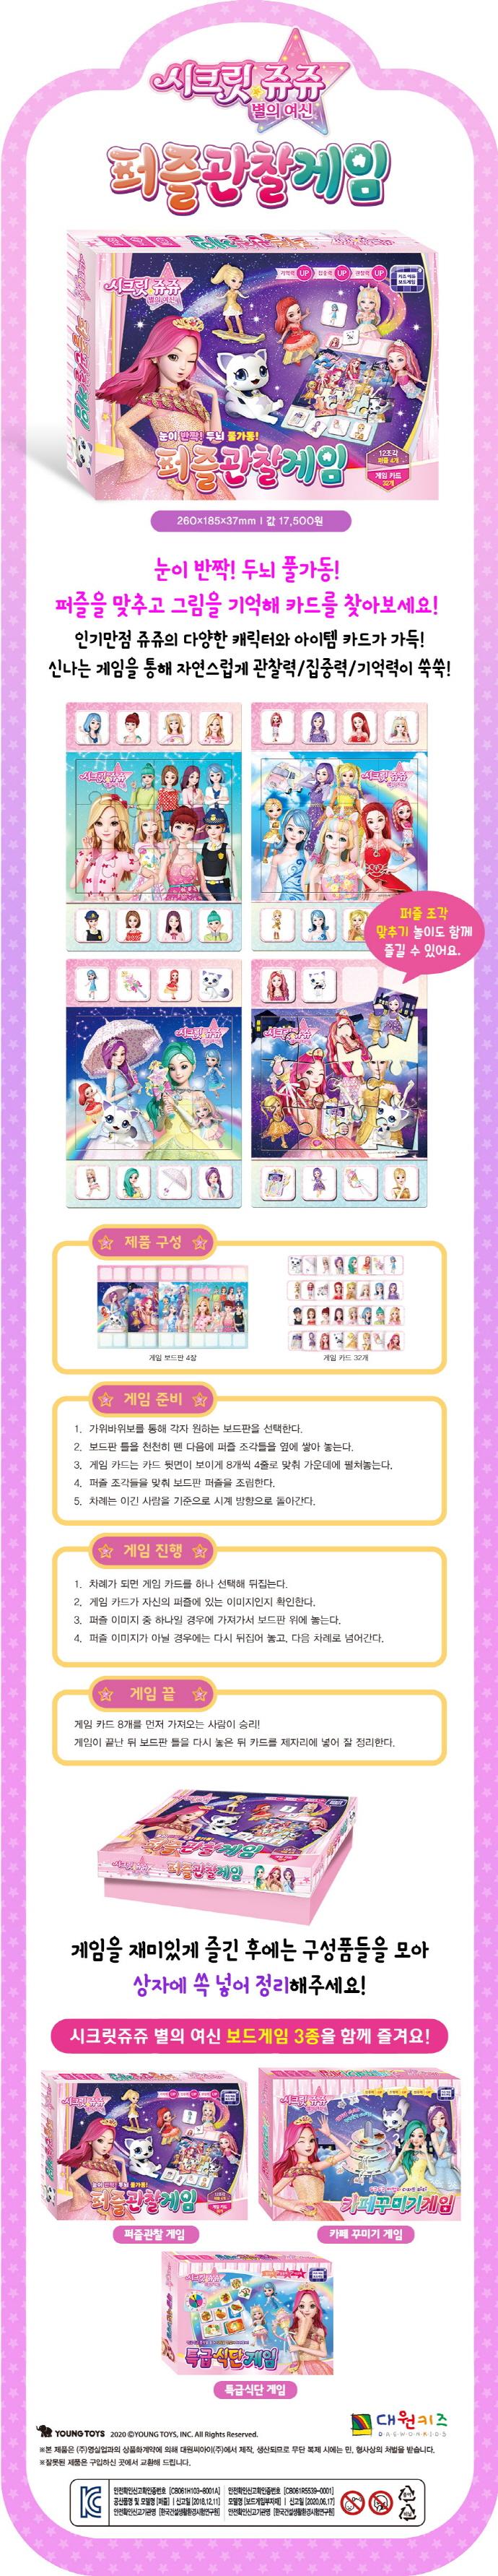 시크릿쥬쥬 별의 여신 퍼즐관찰게임 도서 상세이미지